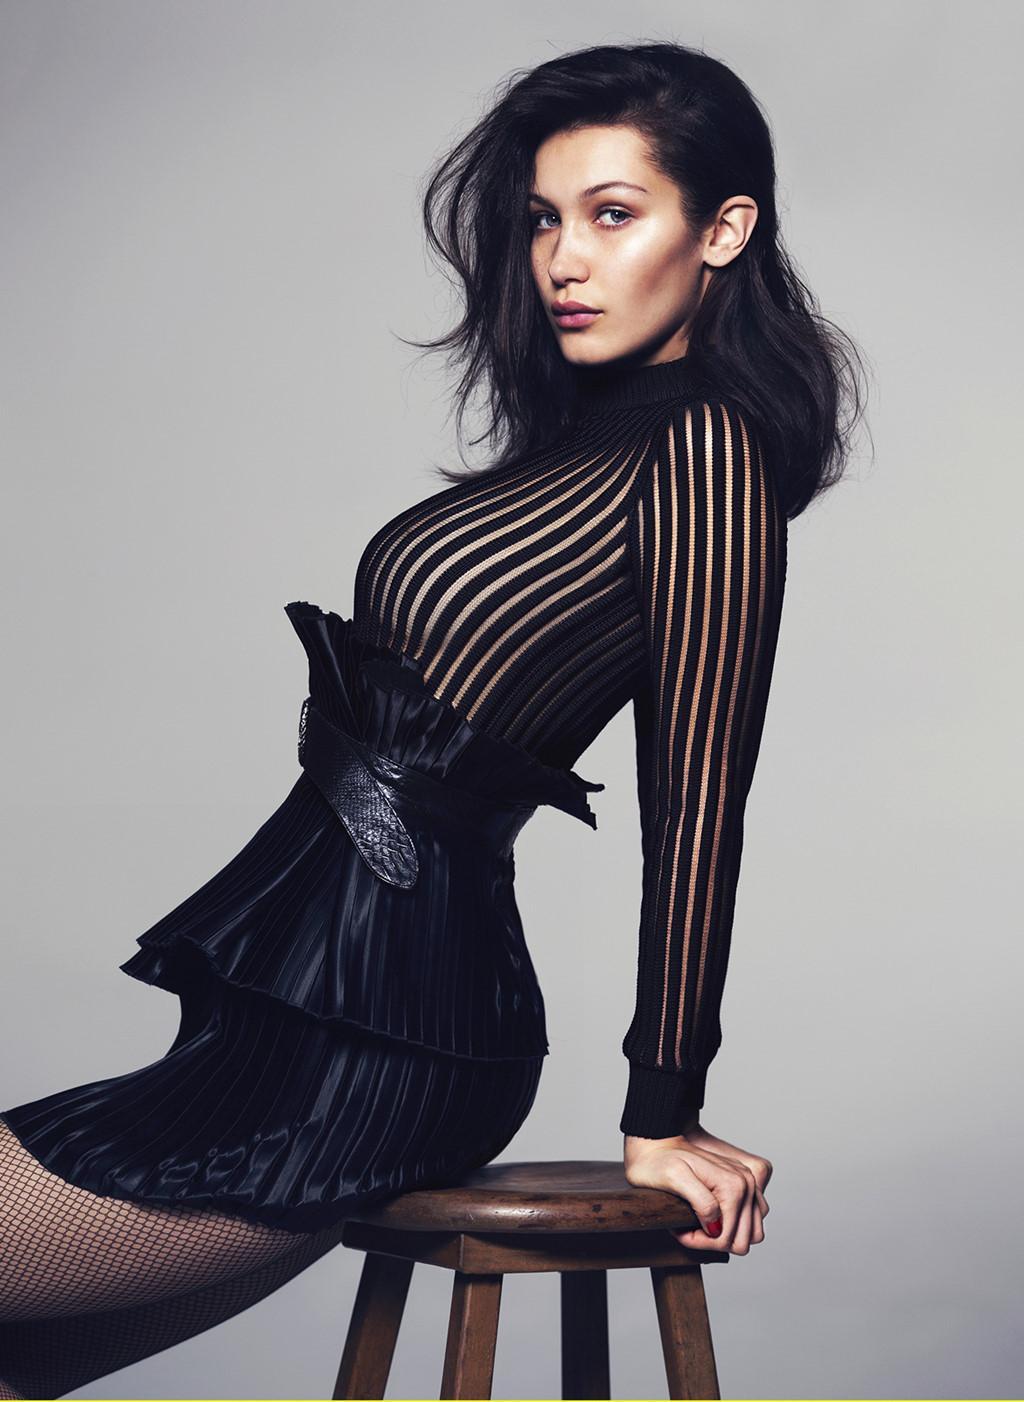 Kendall Jenner trở thành siêu mẫu có thu nhập cao nhất trên thế giới-9